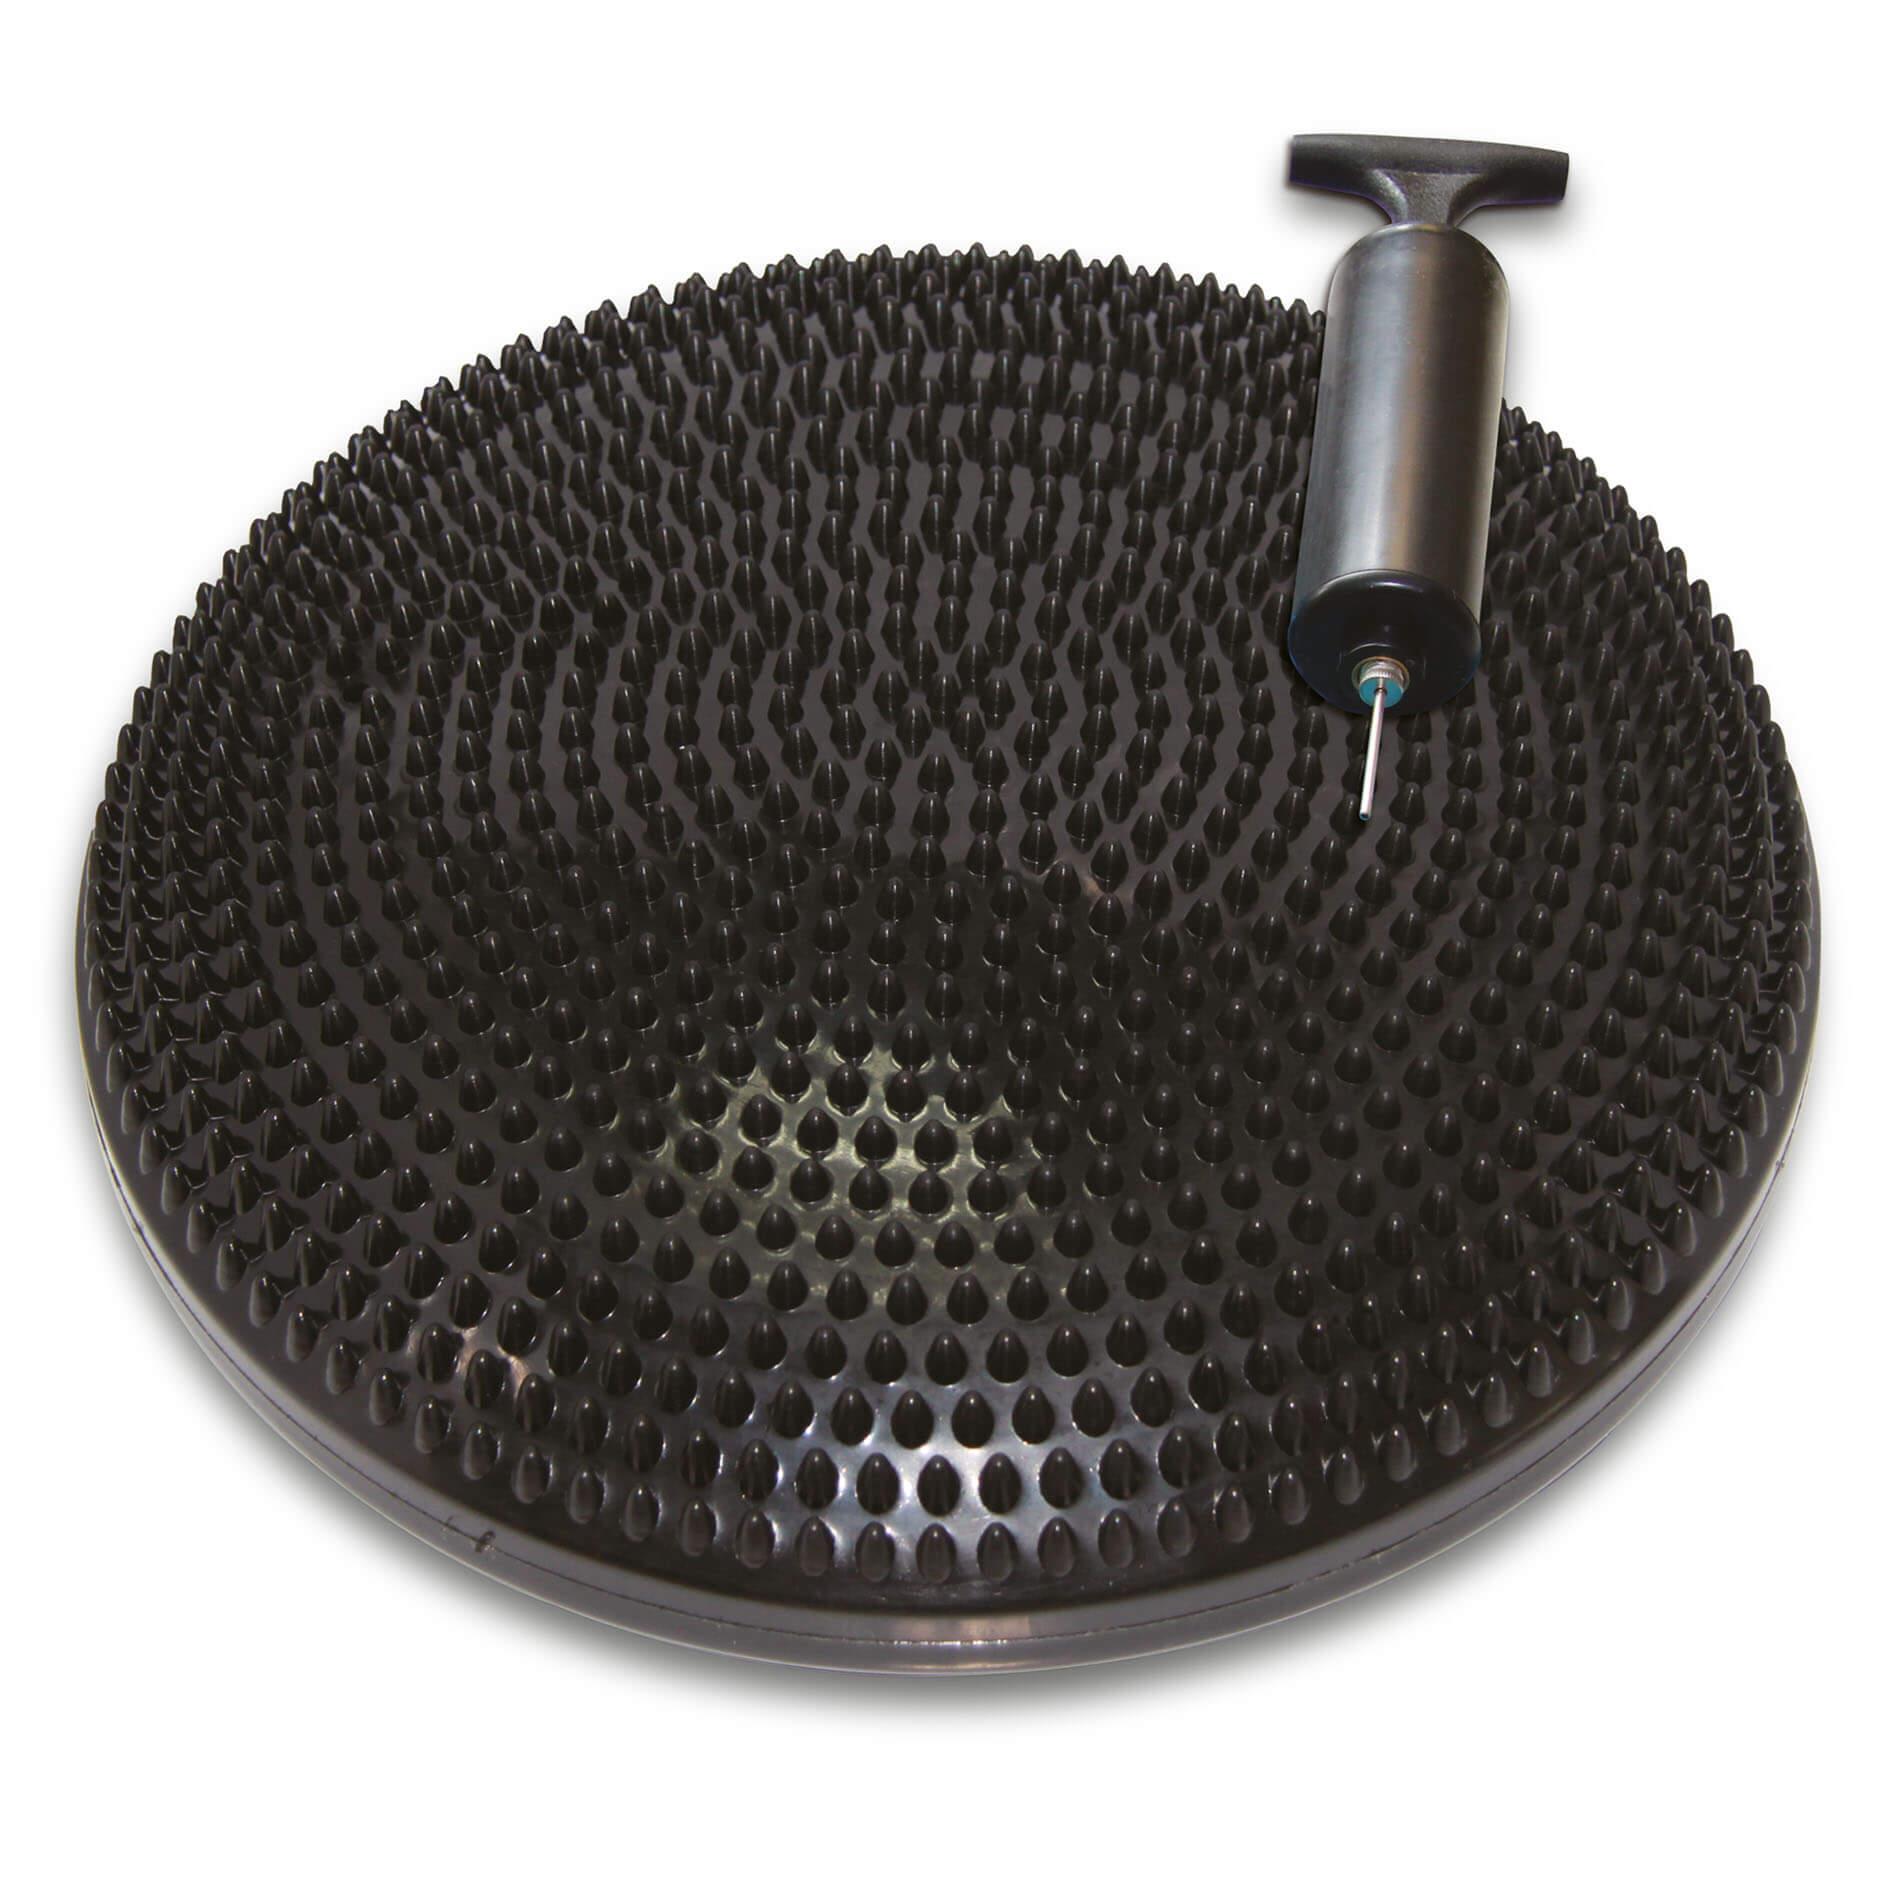 Balanční podložka TUNTURI masážní černá ø 33 cm